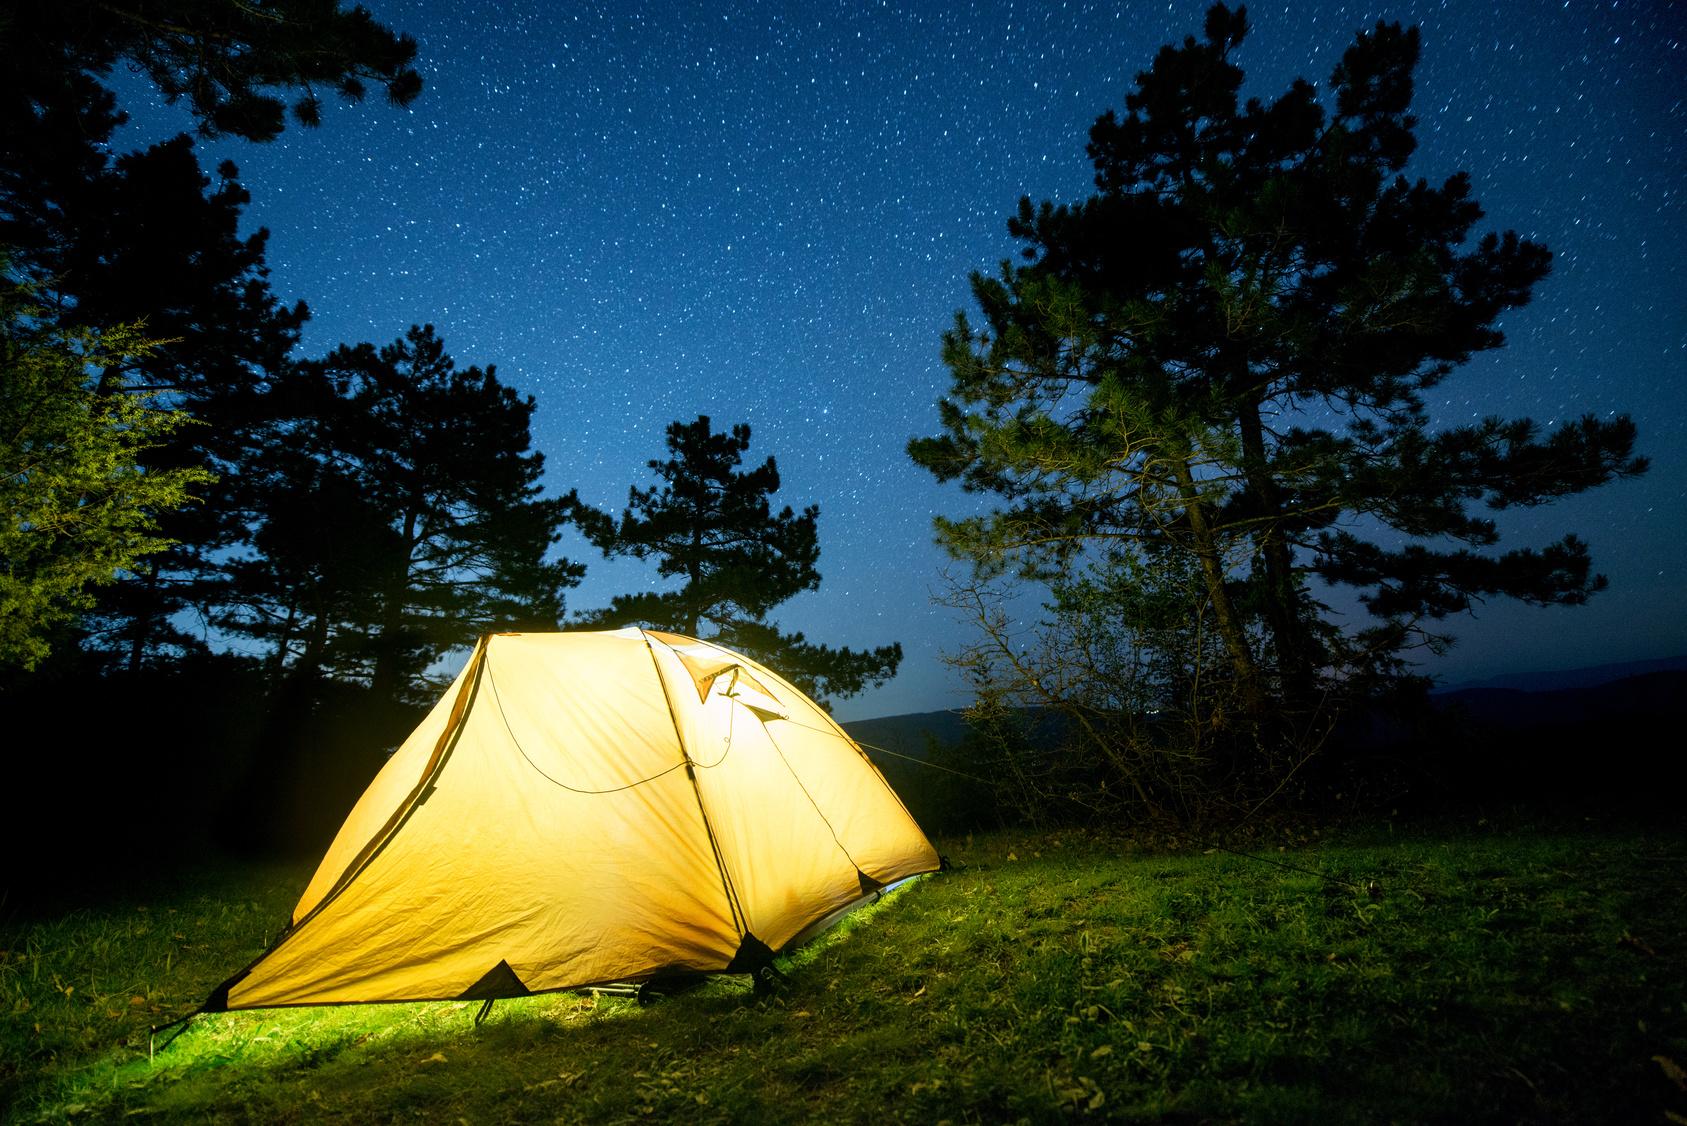 Que tal acampar para apreciar de maneira ainda melhor o céu estrelado? Foto: Miracle Moments/Fotolia